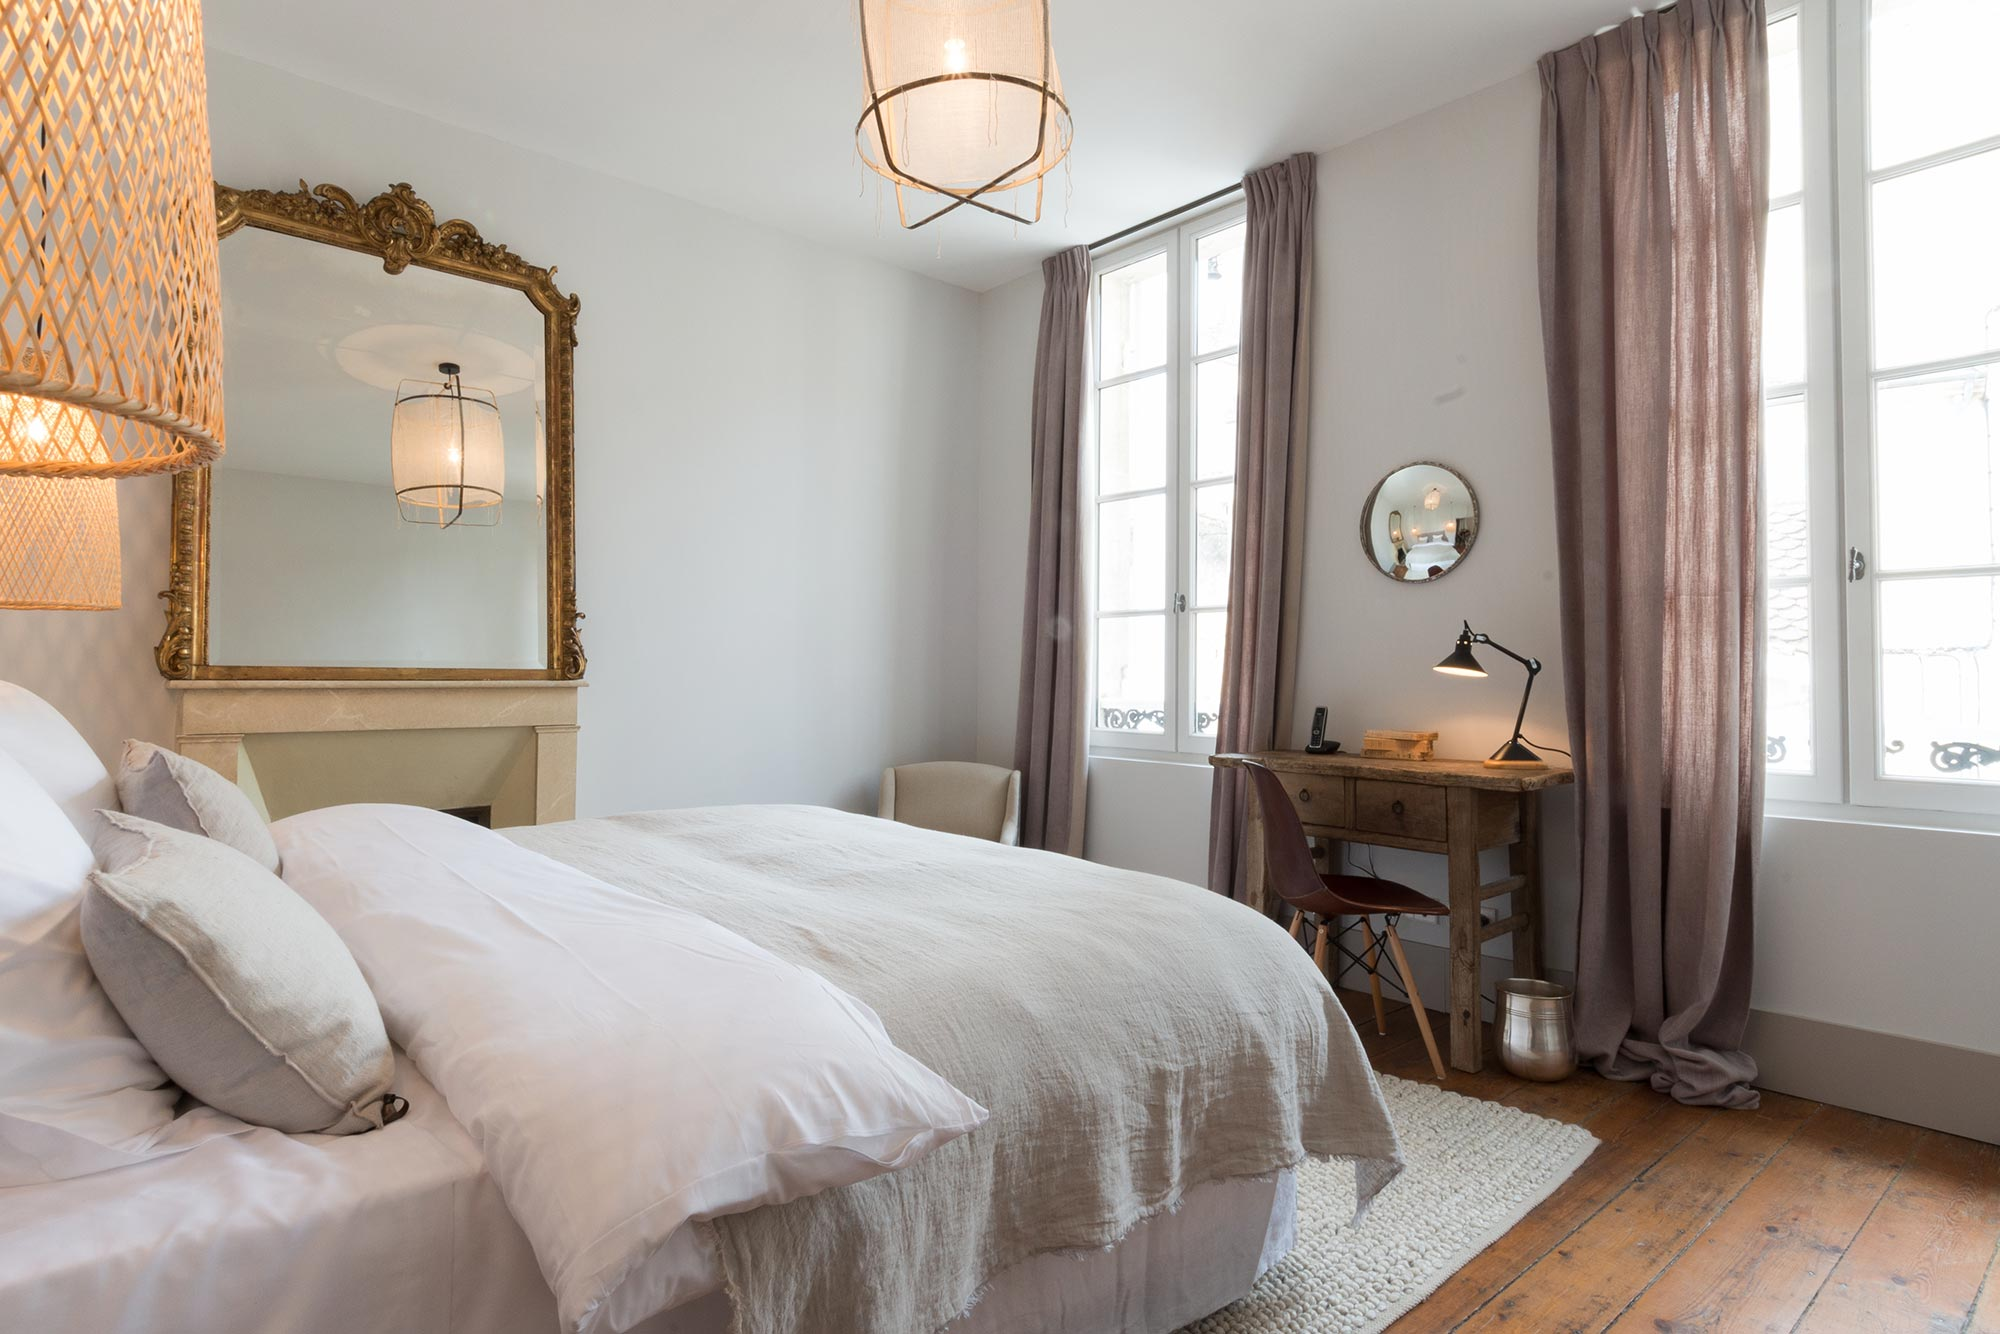 Chambre lit double, détail suspension en rotin illuminée, lumière tamisée, quelques miroirs en décoration et linge de lit couleur lin et ivoire